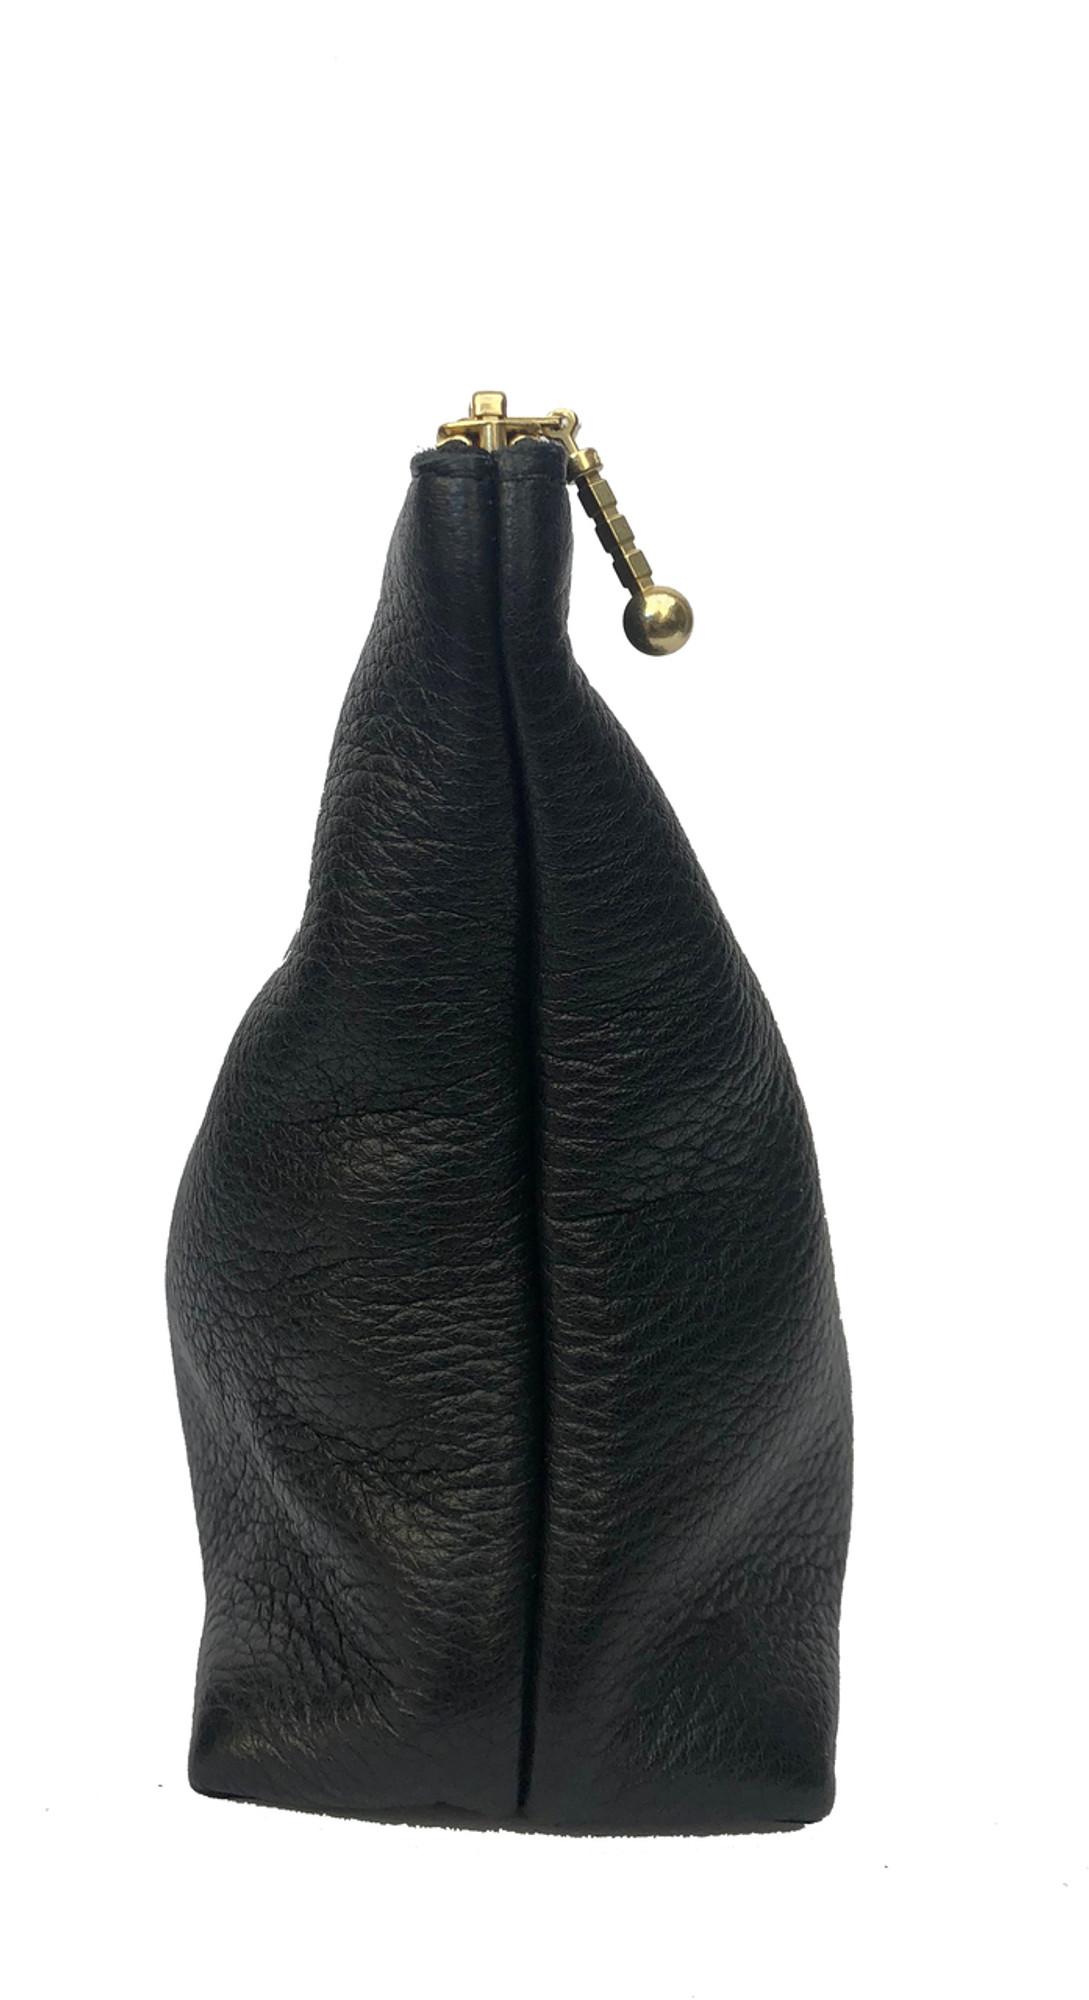 MAKE UP BAG LARGE - Black